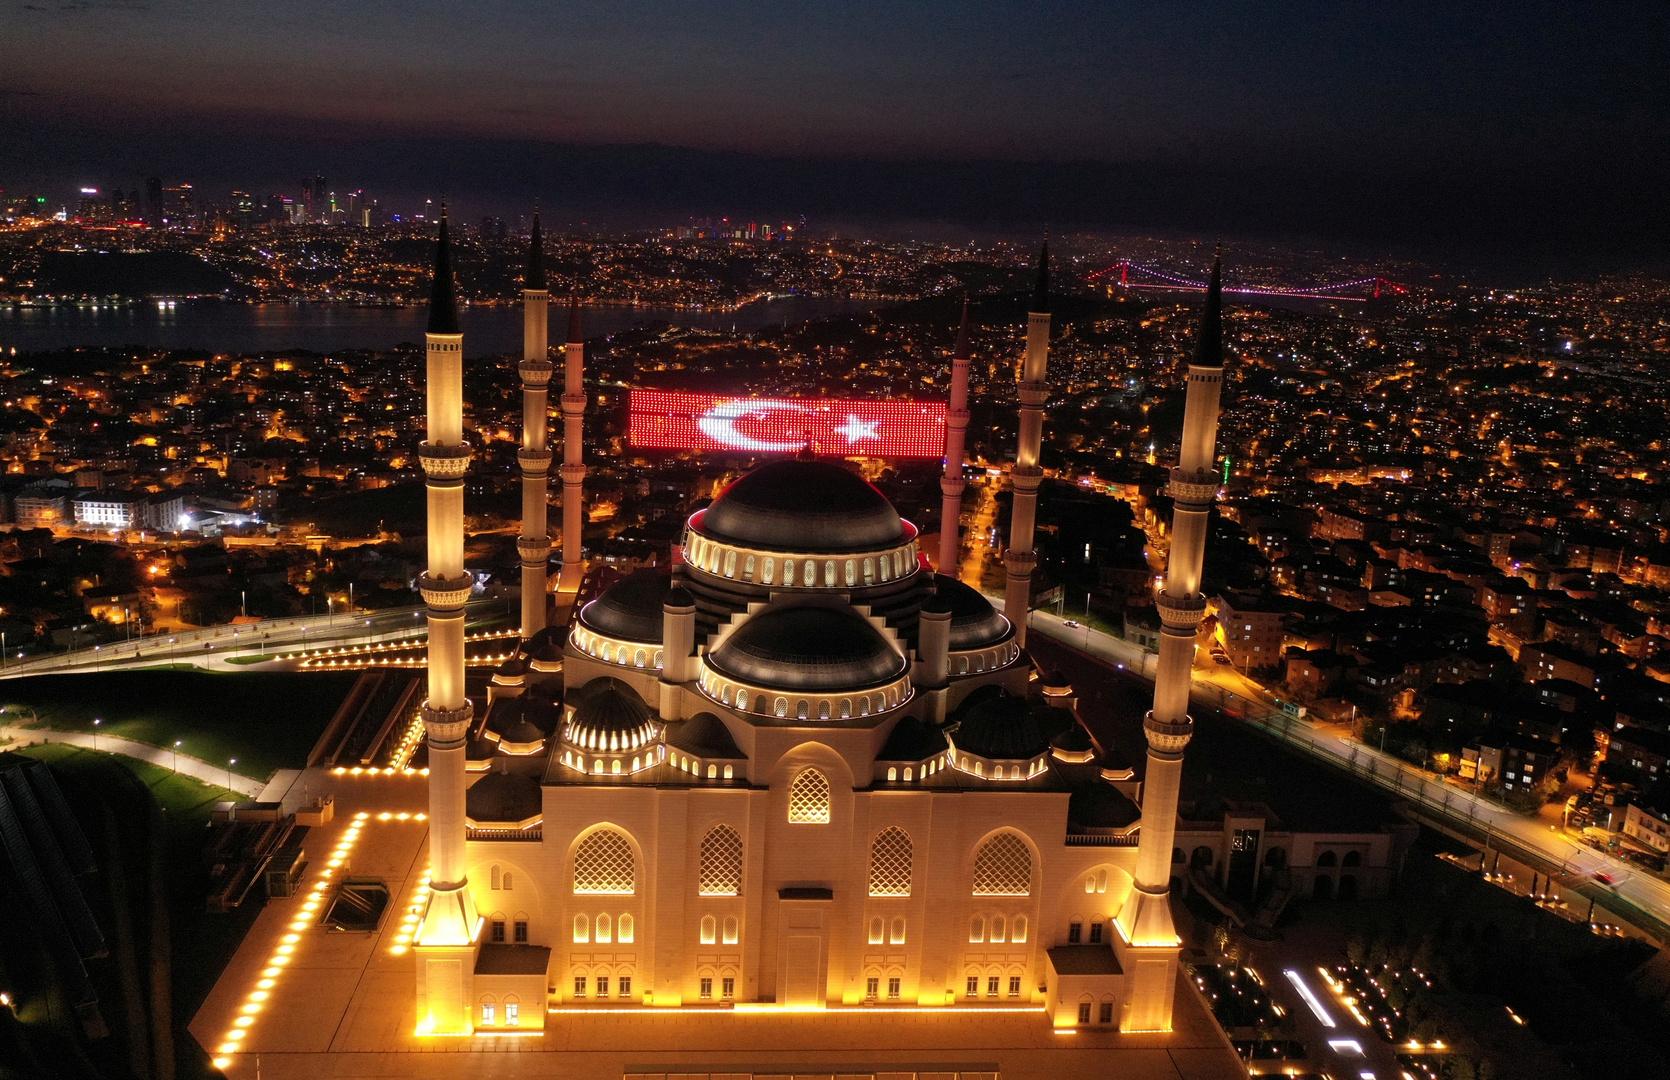 تركيا تعلق على حملة مقاطعة منتجاتها في السعودية